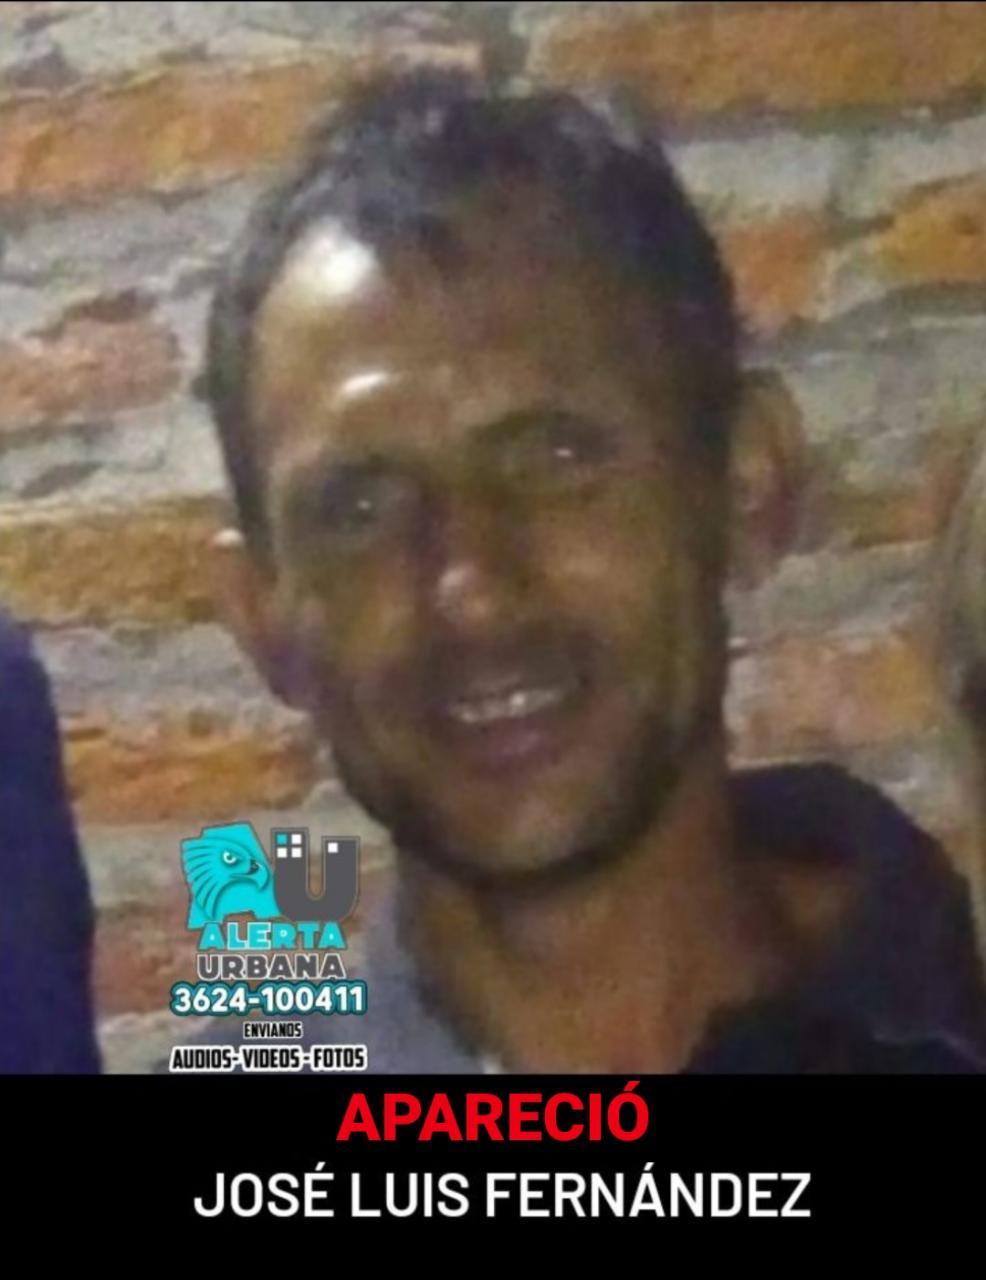 Apareció el ciudadano José Luis Fernández